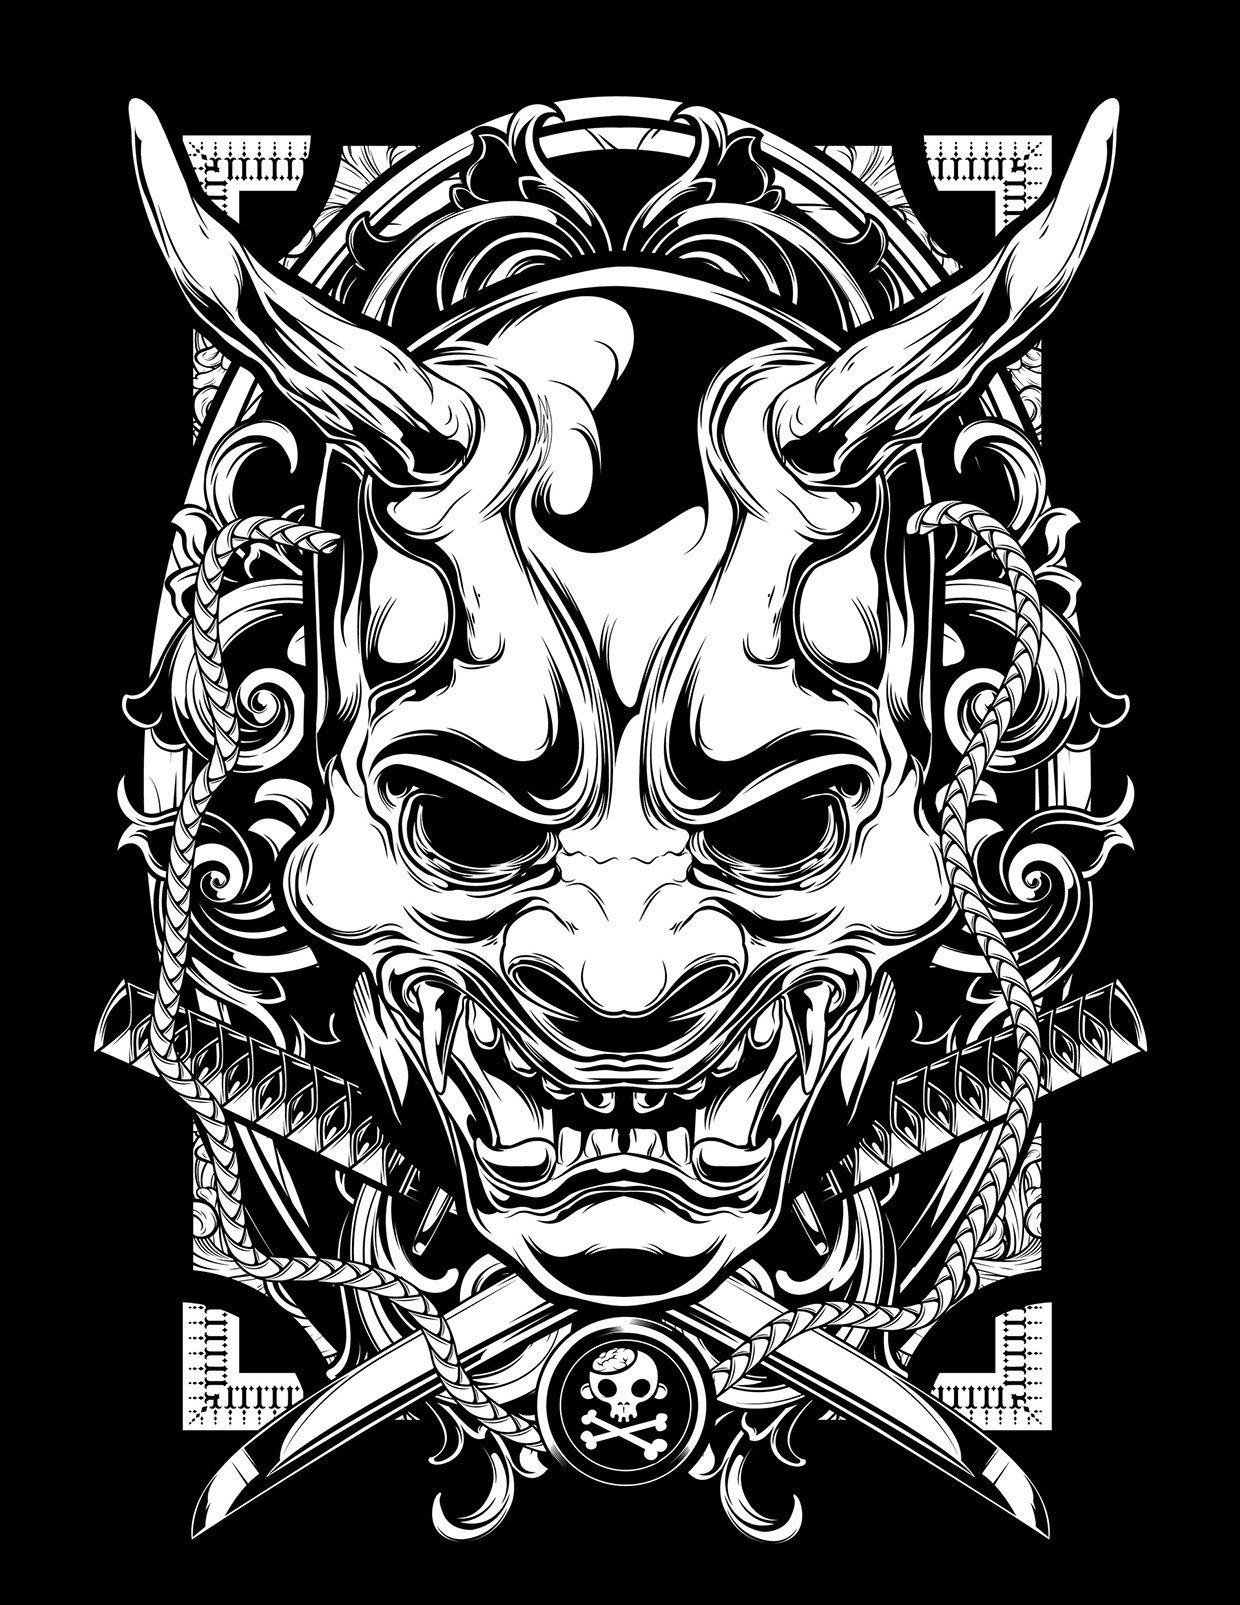 Asian Tattoos Illustrations: Pin By Sandeep Hamal On Tatoos